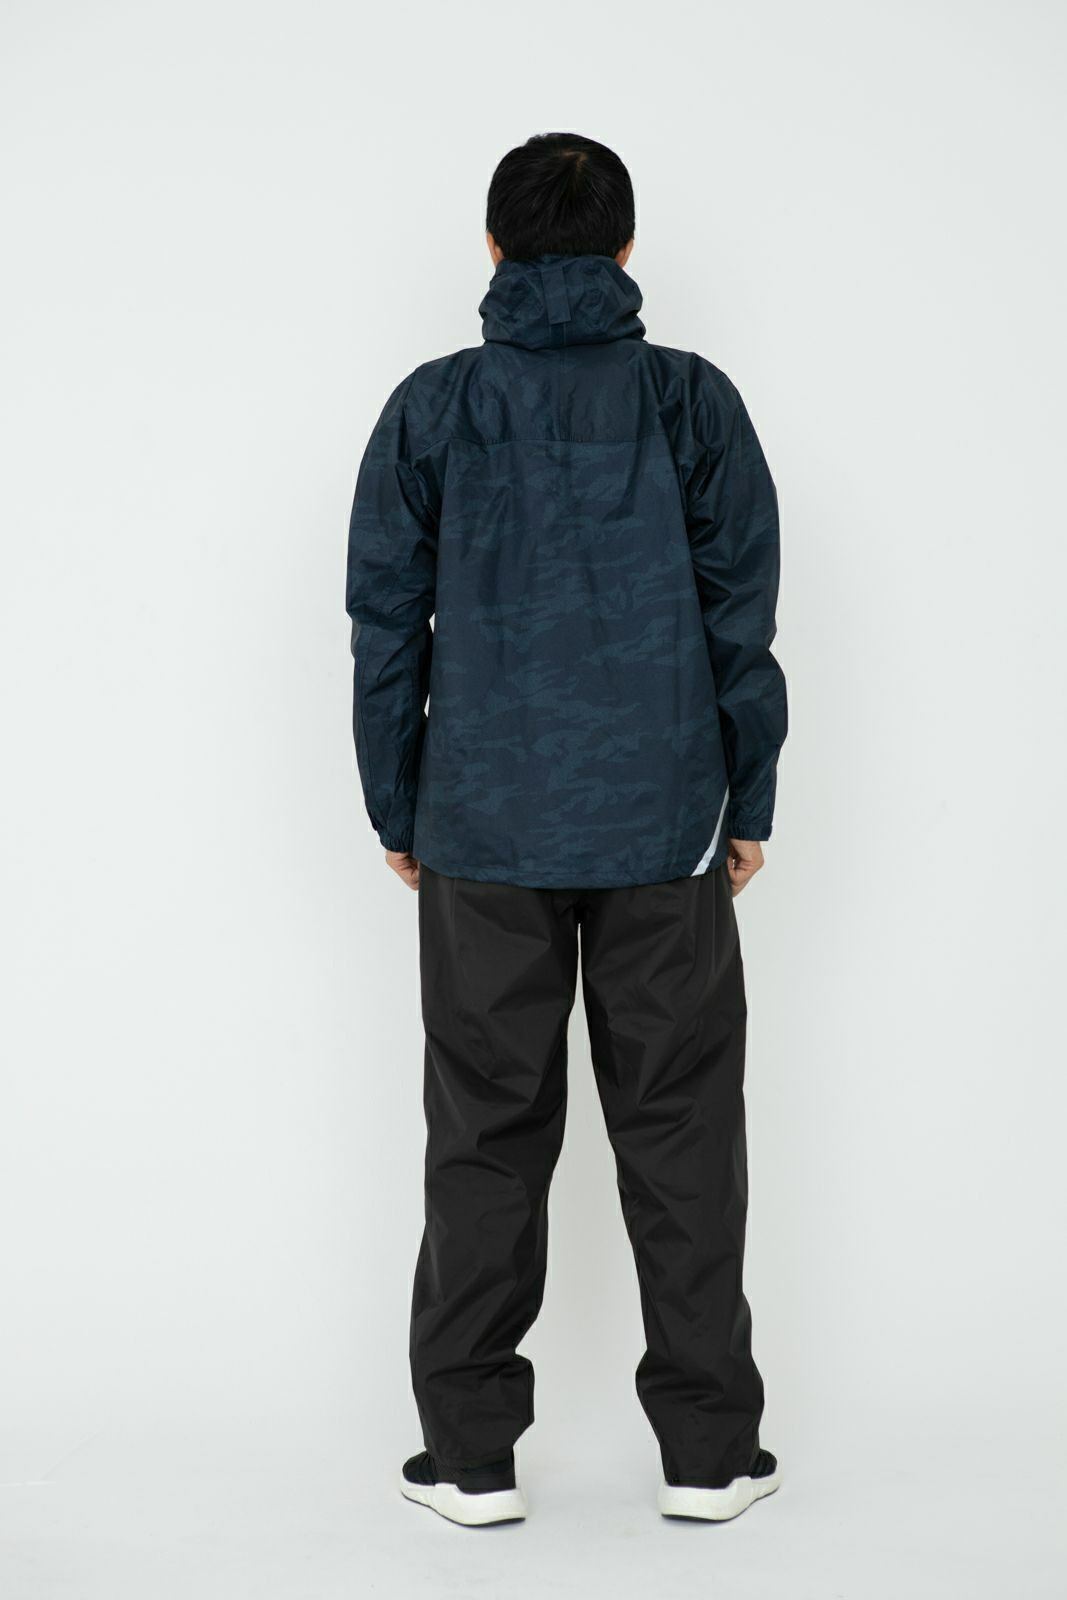 詳細:着用イメージ 背面 [男性モデルのサイズ]身長:174cm 着用サイズ:L